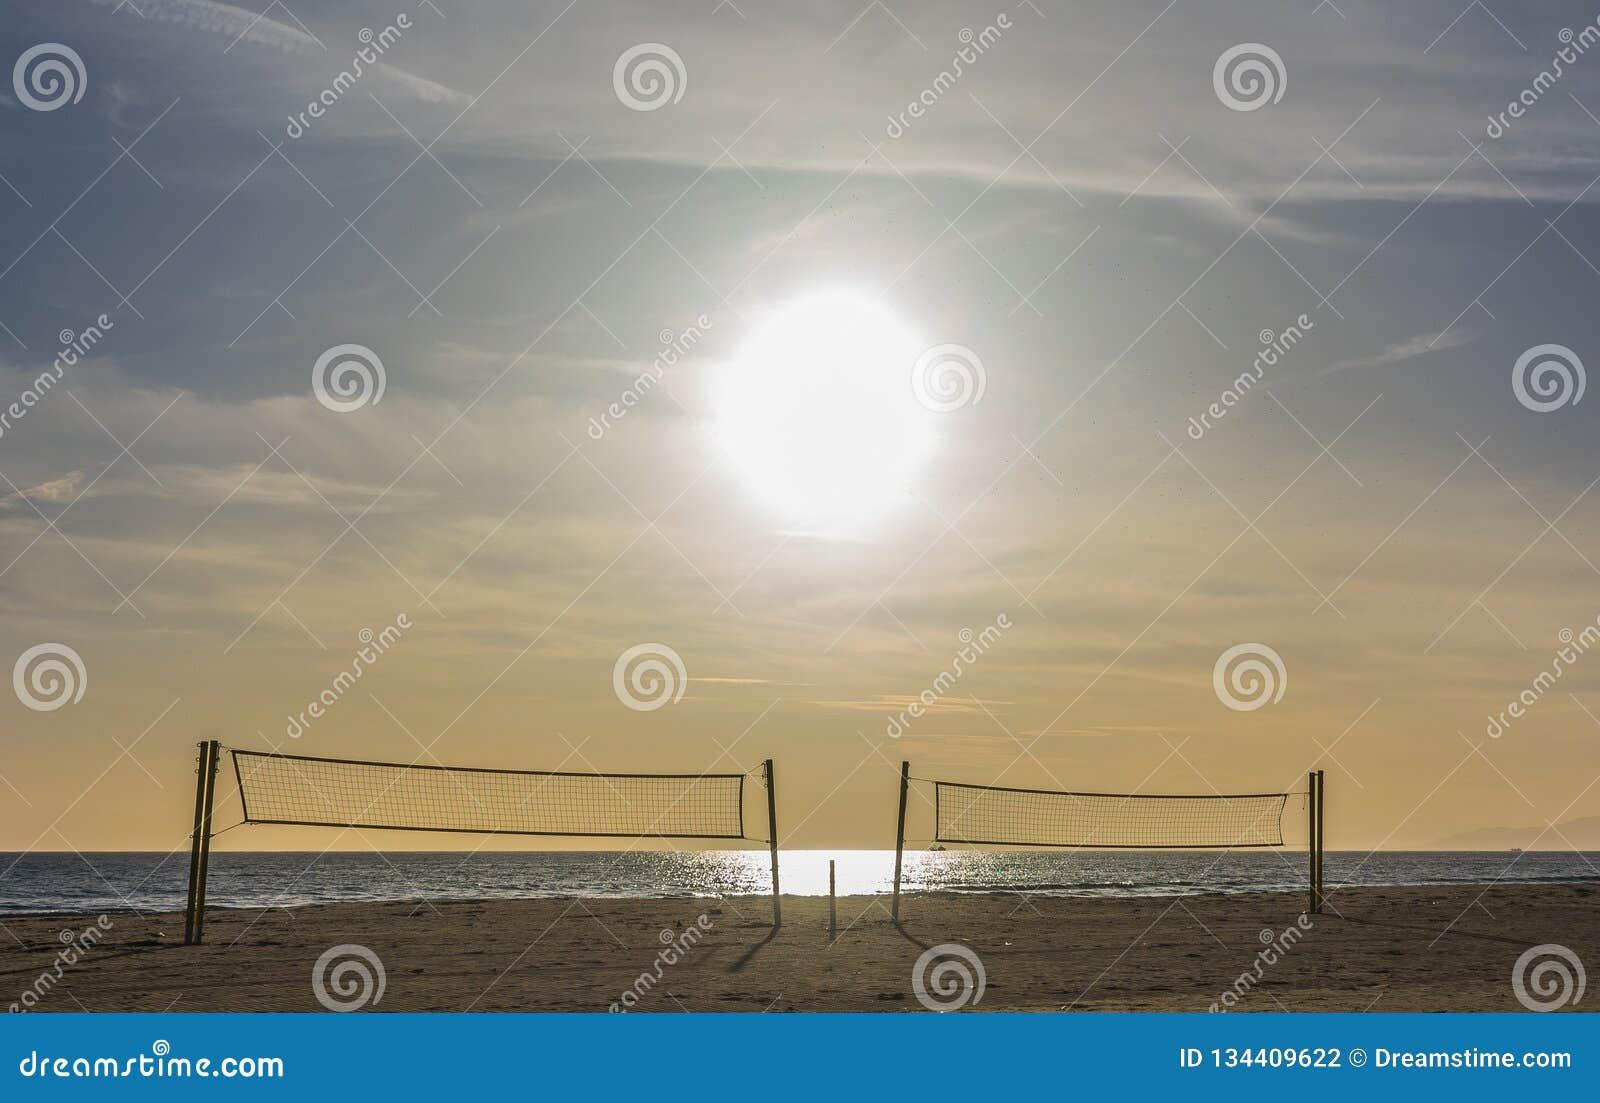 Corte da praia do voleibol sob um dia ensolarado